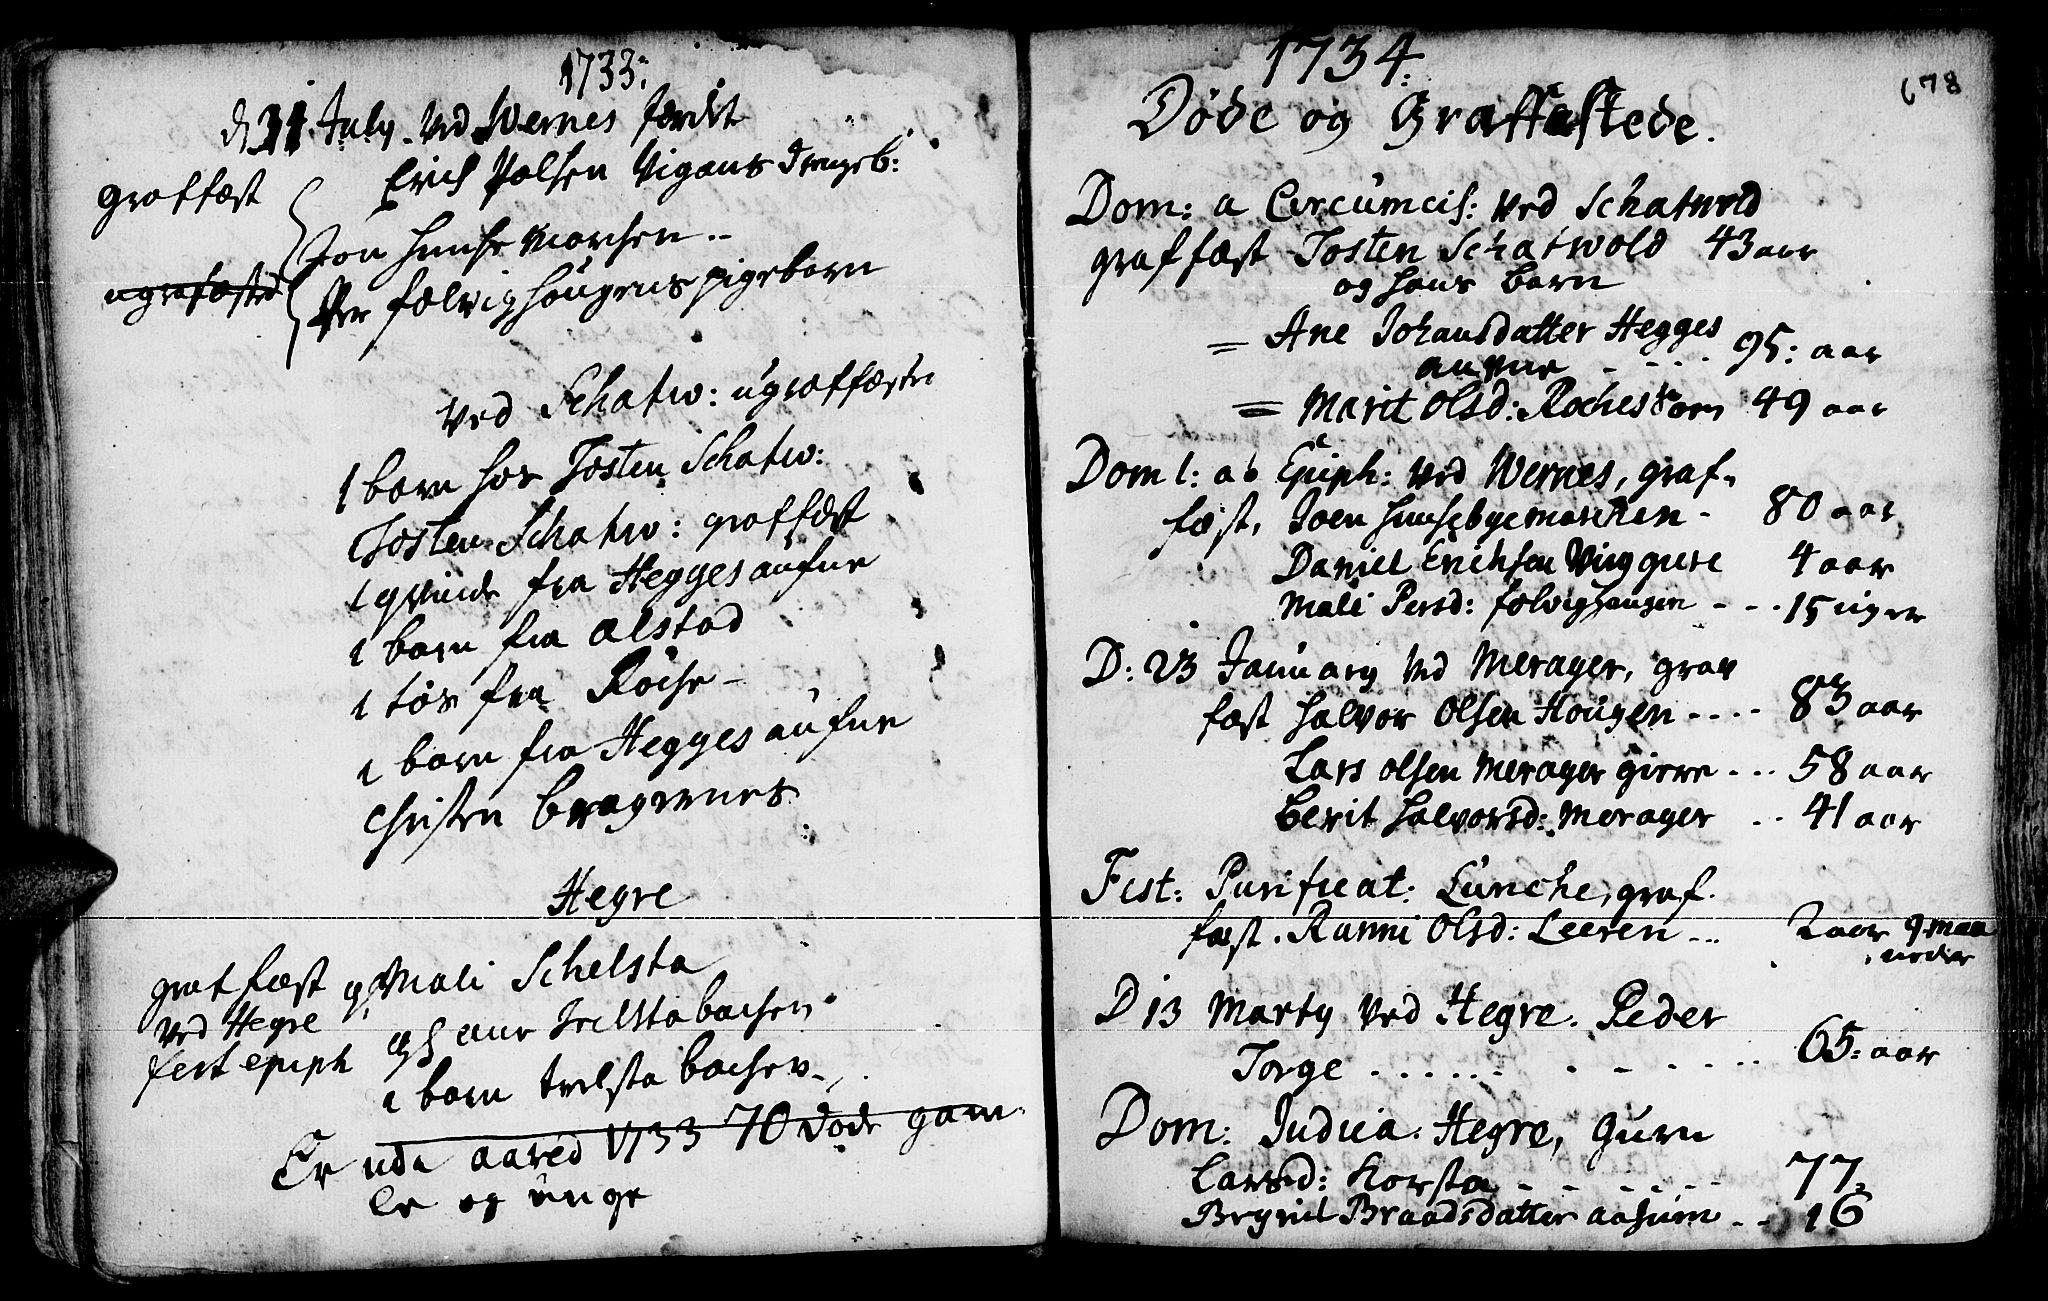 SAT, Ministerialprotokoller, klokkerbøker og fødselsregistre - Nord-Trøndelag, 709/L0055: Ministerialbok nr. 709A03, 1730-1739, s. 677-678